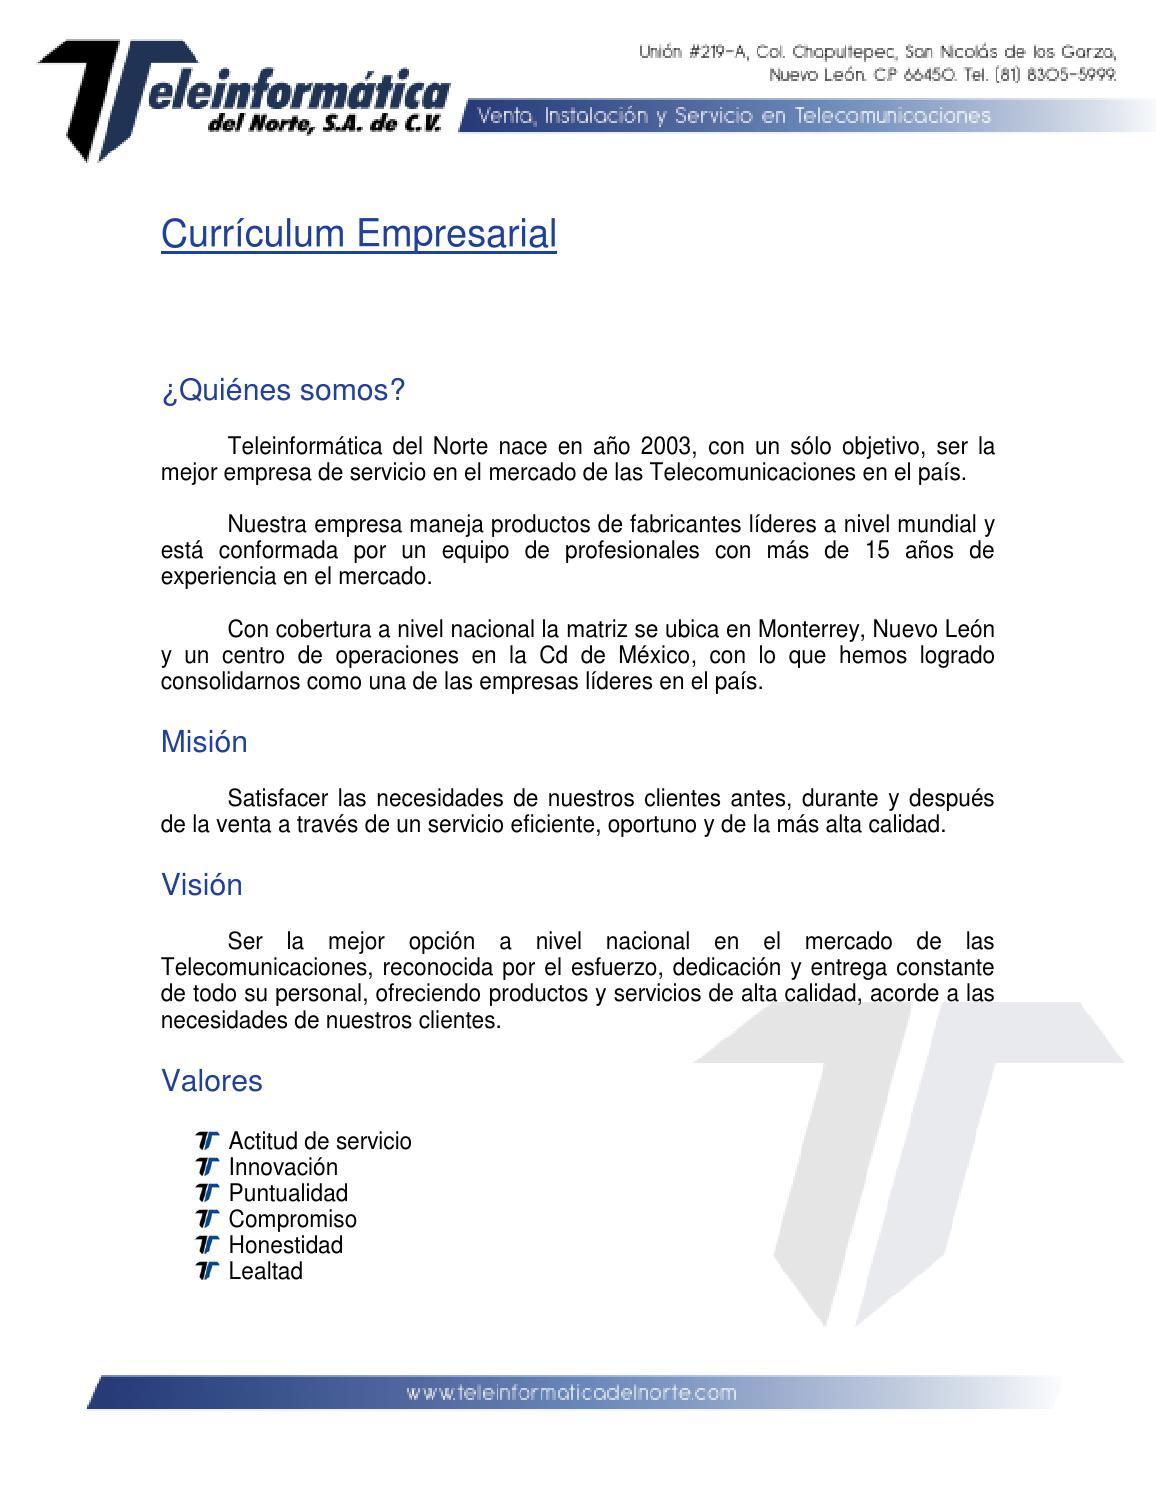 curriculum empresarial by teleinformatica del norte